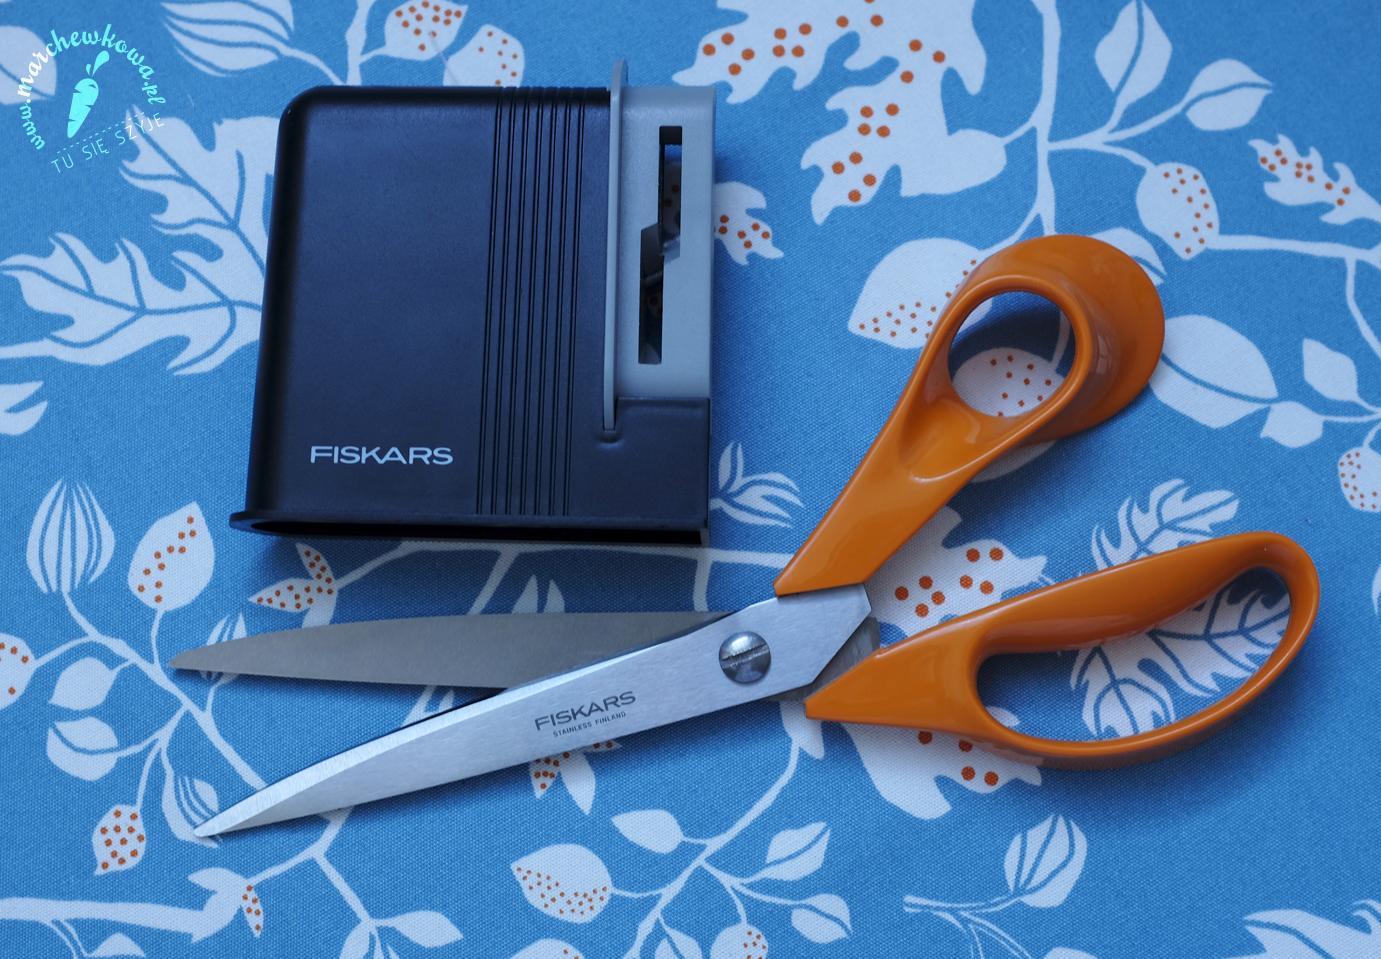 marchewkowa, blog, recenzja, nożyczki, ostrzałka, Fiskars